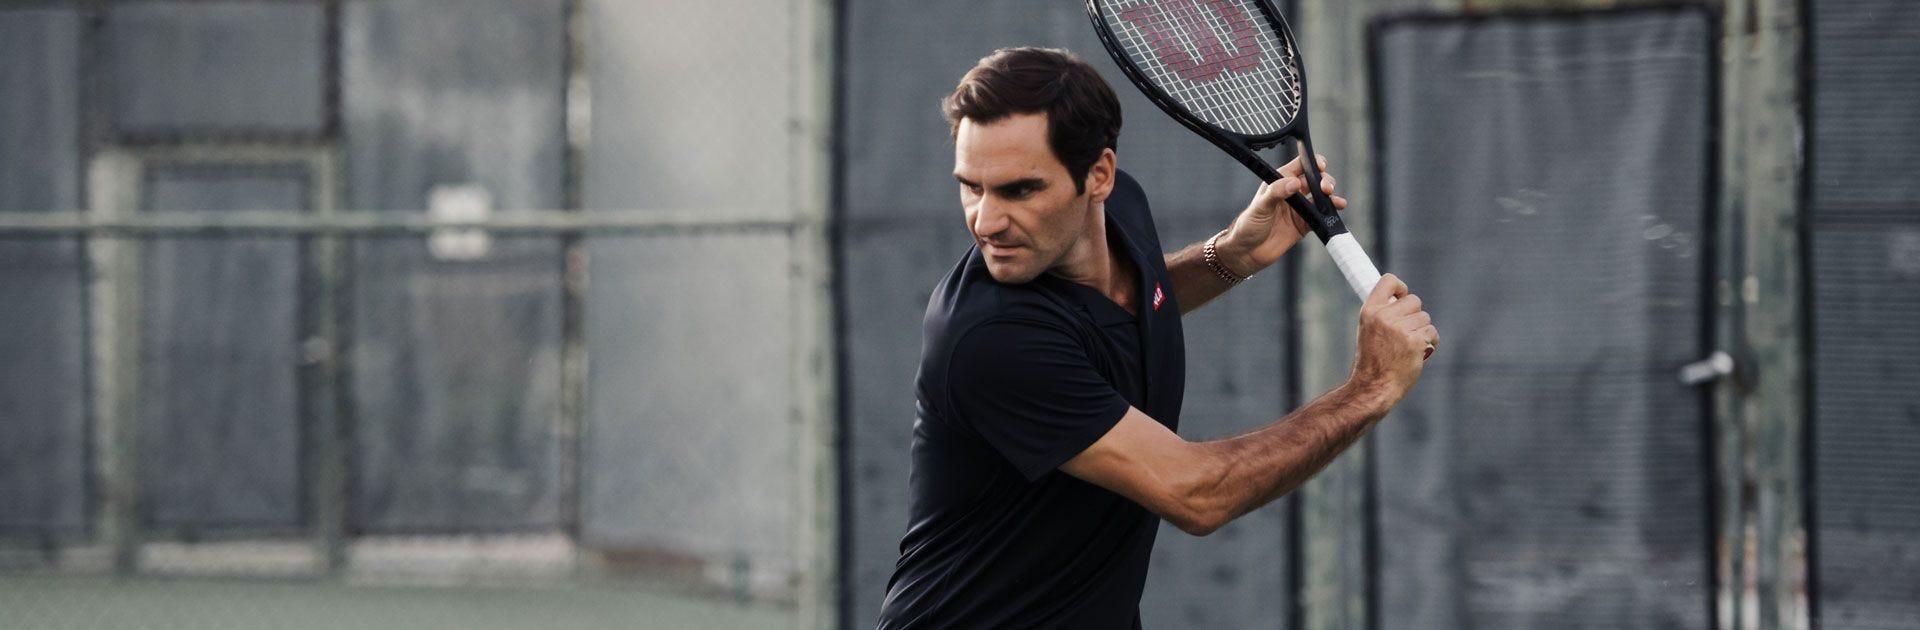 Roger Federer's backhand swing